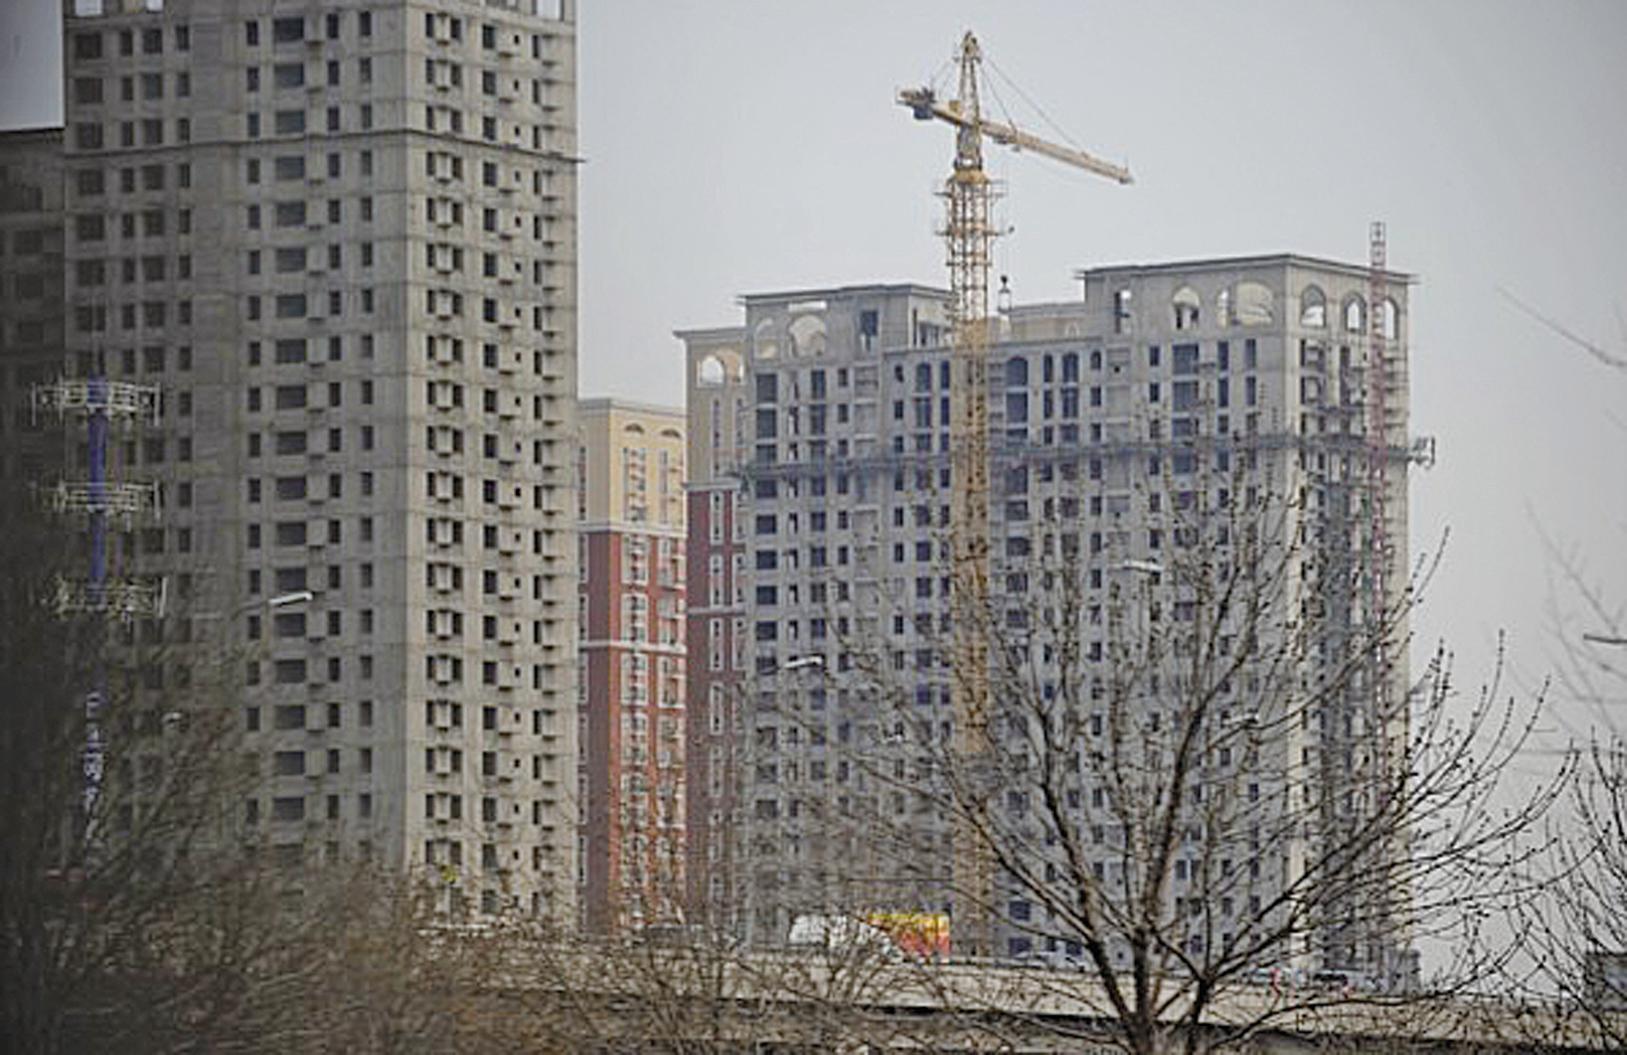 中國房地產市場繁榮建立在過度金融槓桿的基礎上,風險一定是巨大的。(AFP PHOTO / WANG ZHAO)